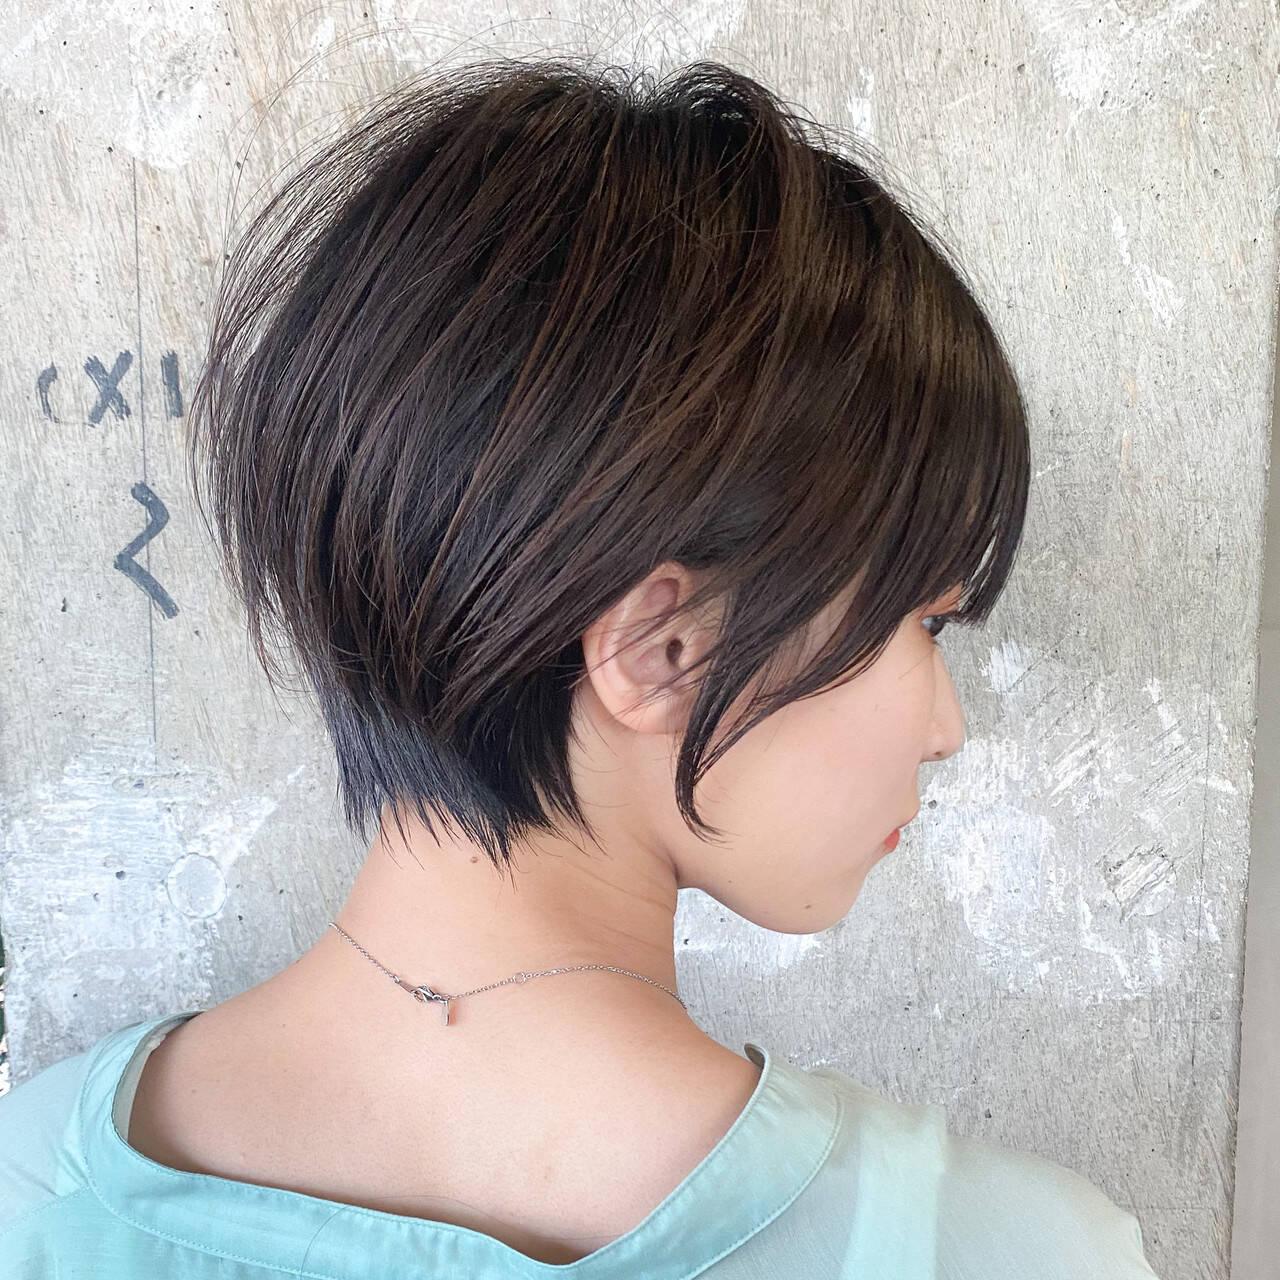 前髪パッツン 丸みショート ショートヘア ショートボブヘアスタイルや髪型の写真・画像